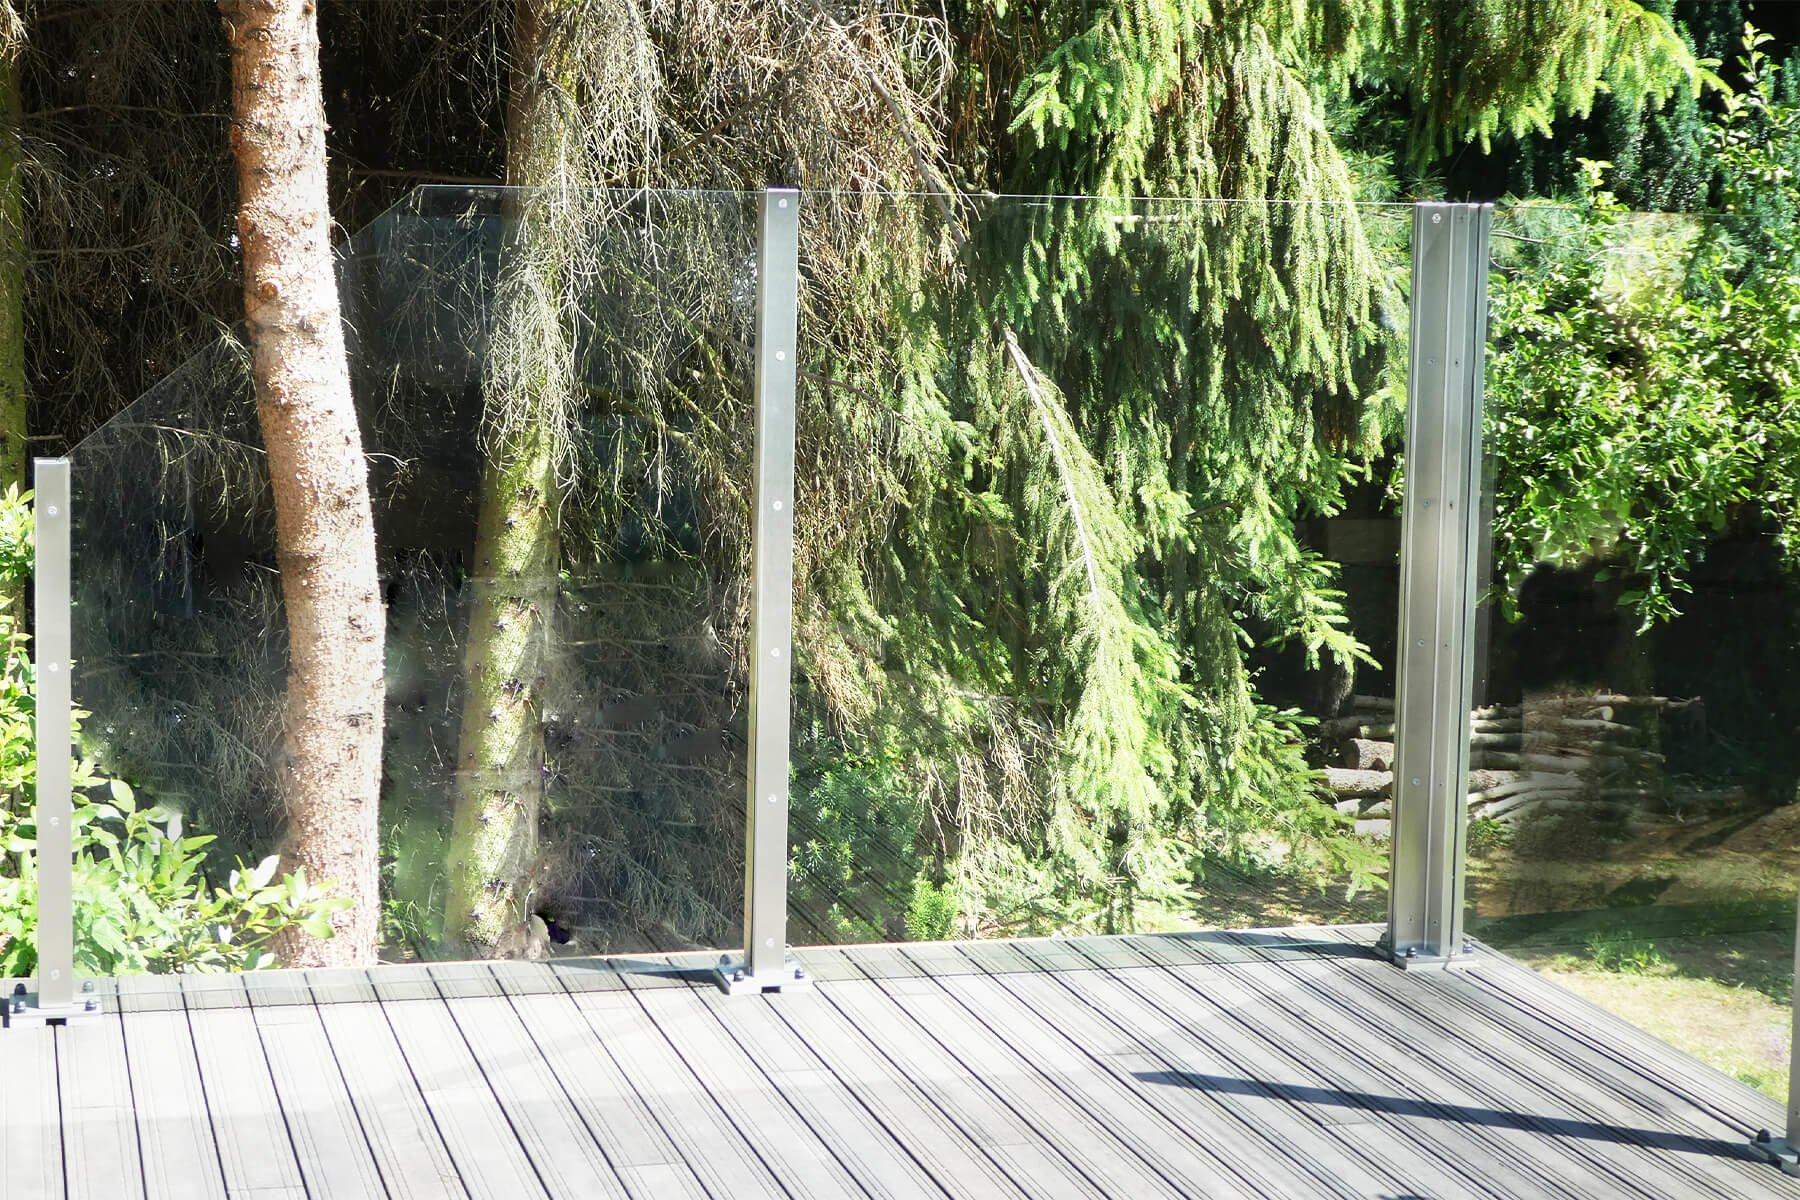 windschutz-aus-glas-mit- Individuellen-schraegschnitten-ohne-sichteinschraenkung- Fuer-jeden-aussenbereich